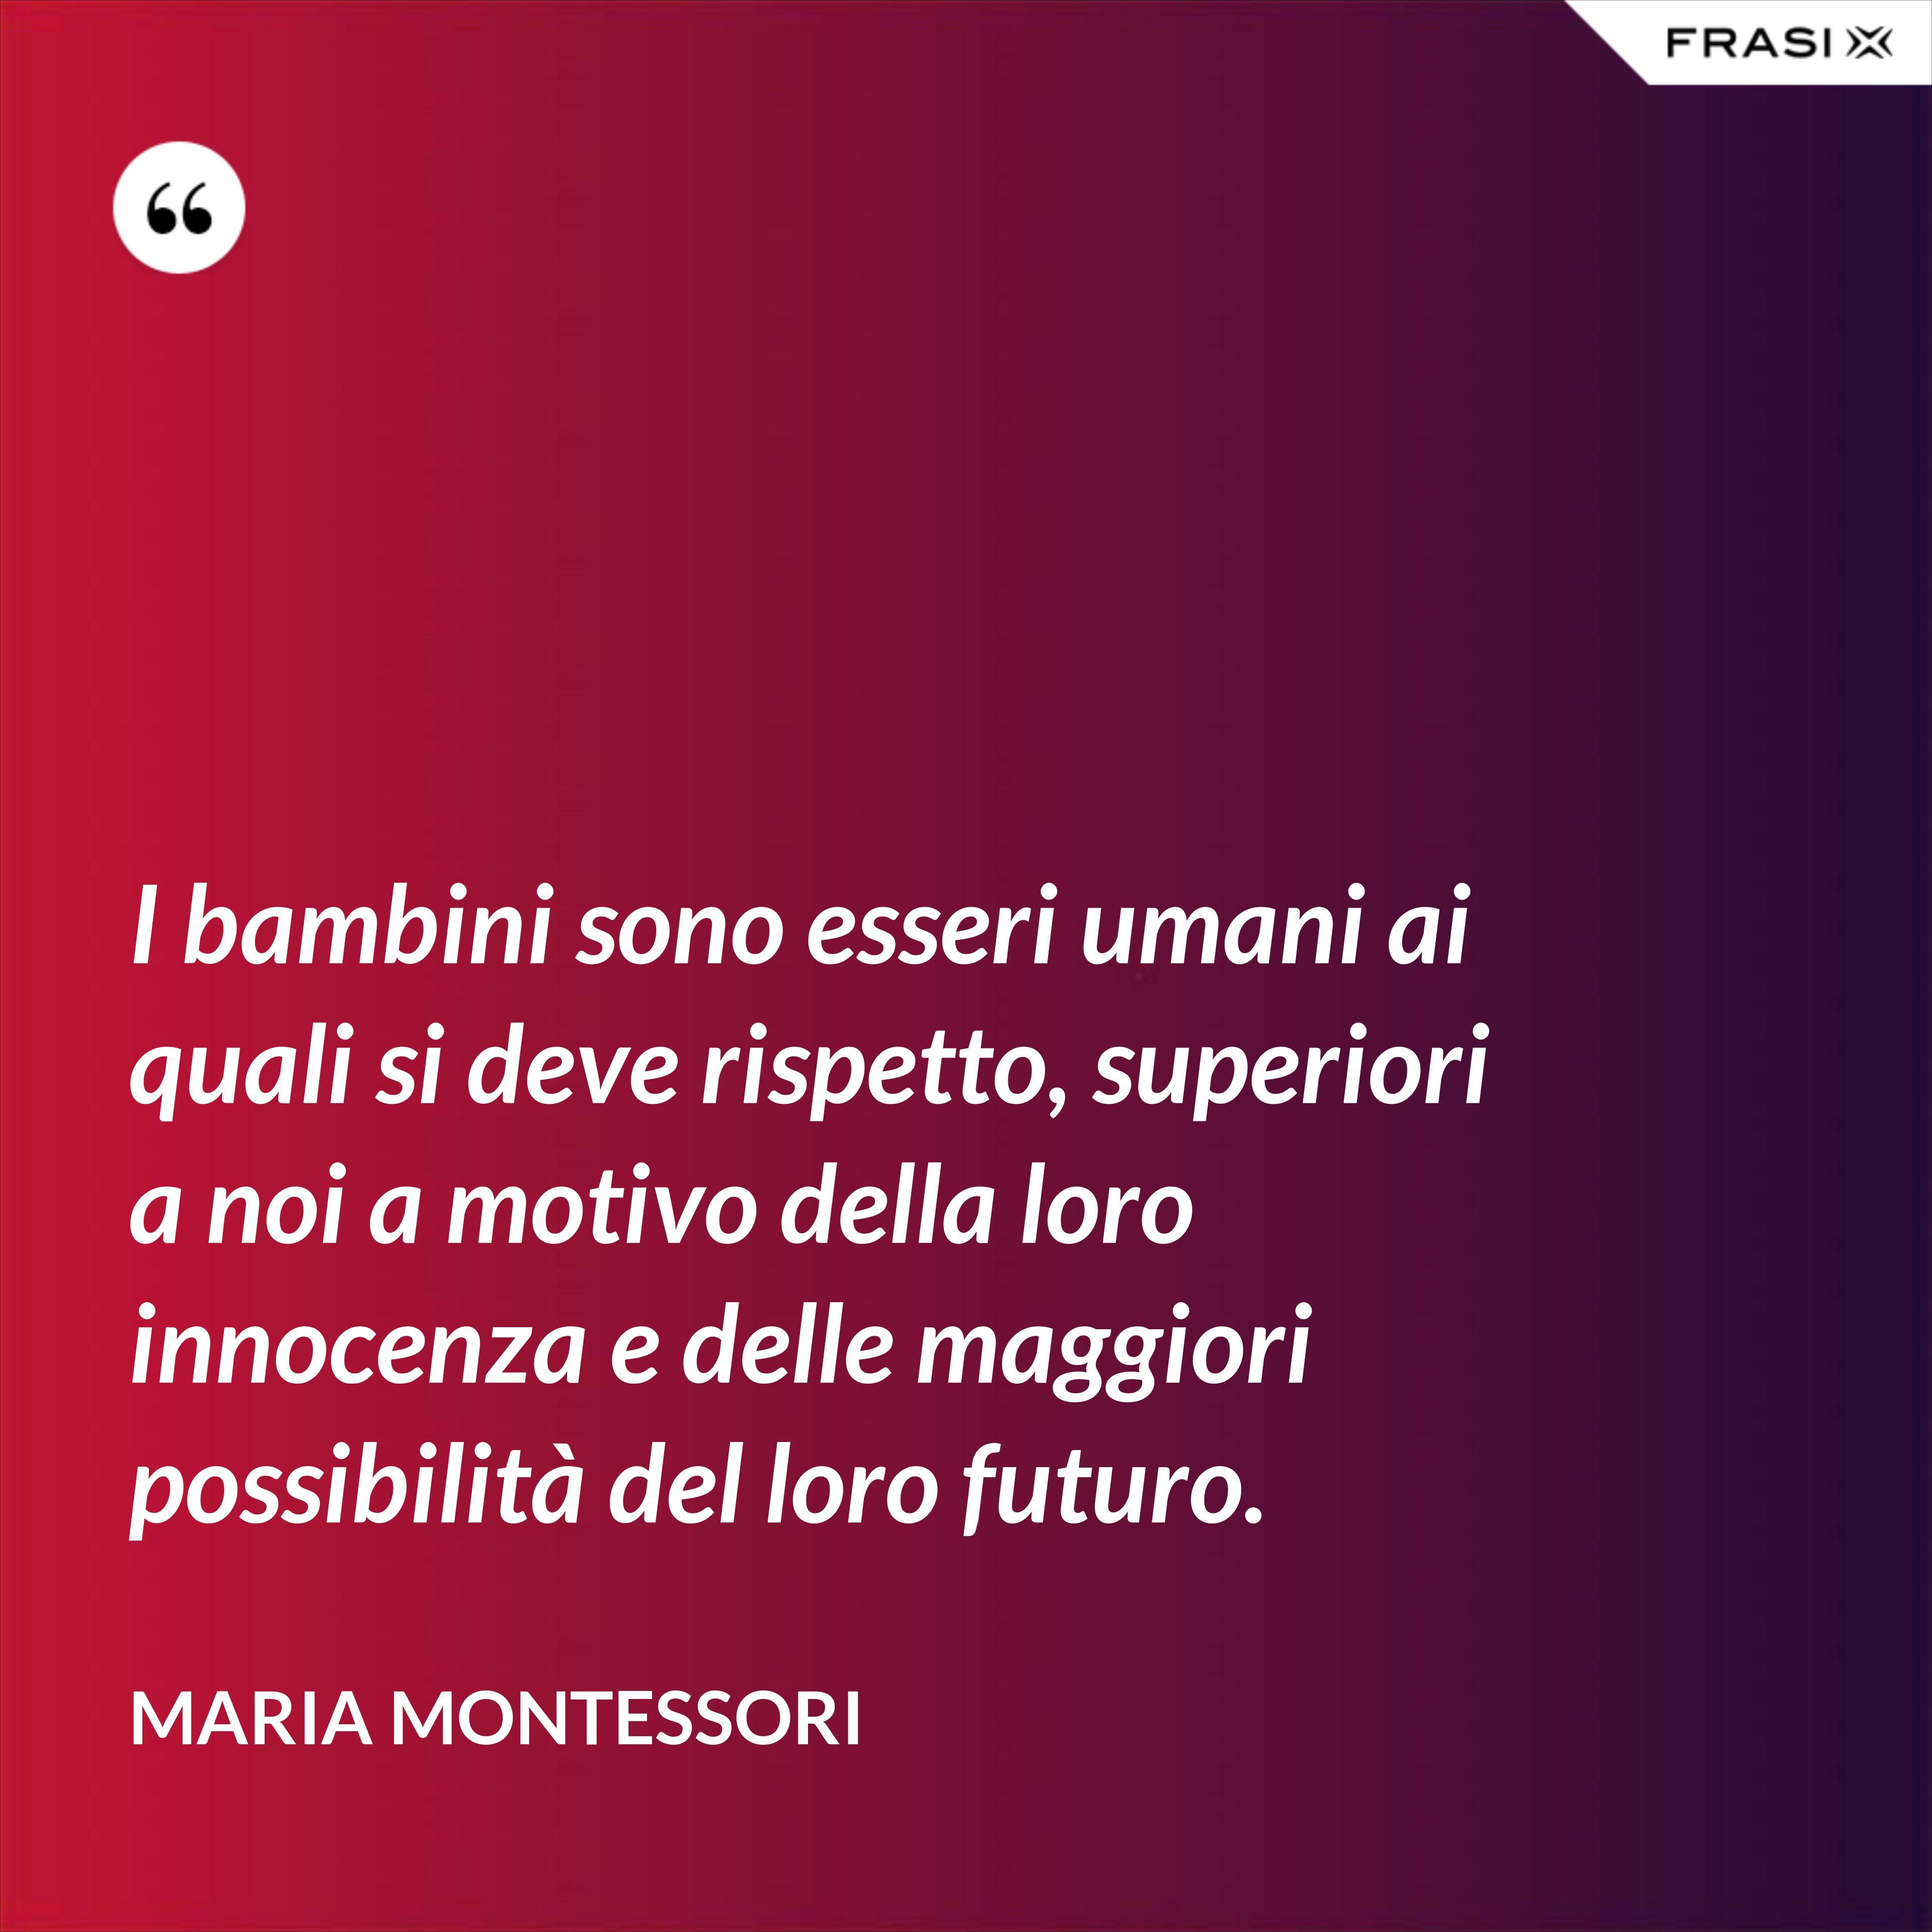 I bambini sono esseri umani ai quali si deve rispetto, superiori a noi a motivo della loro innocenza e delle maggiori possibilità del loro futuro. - Maria Montessori